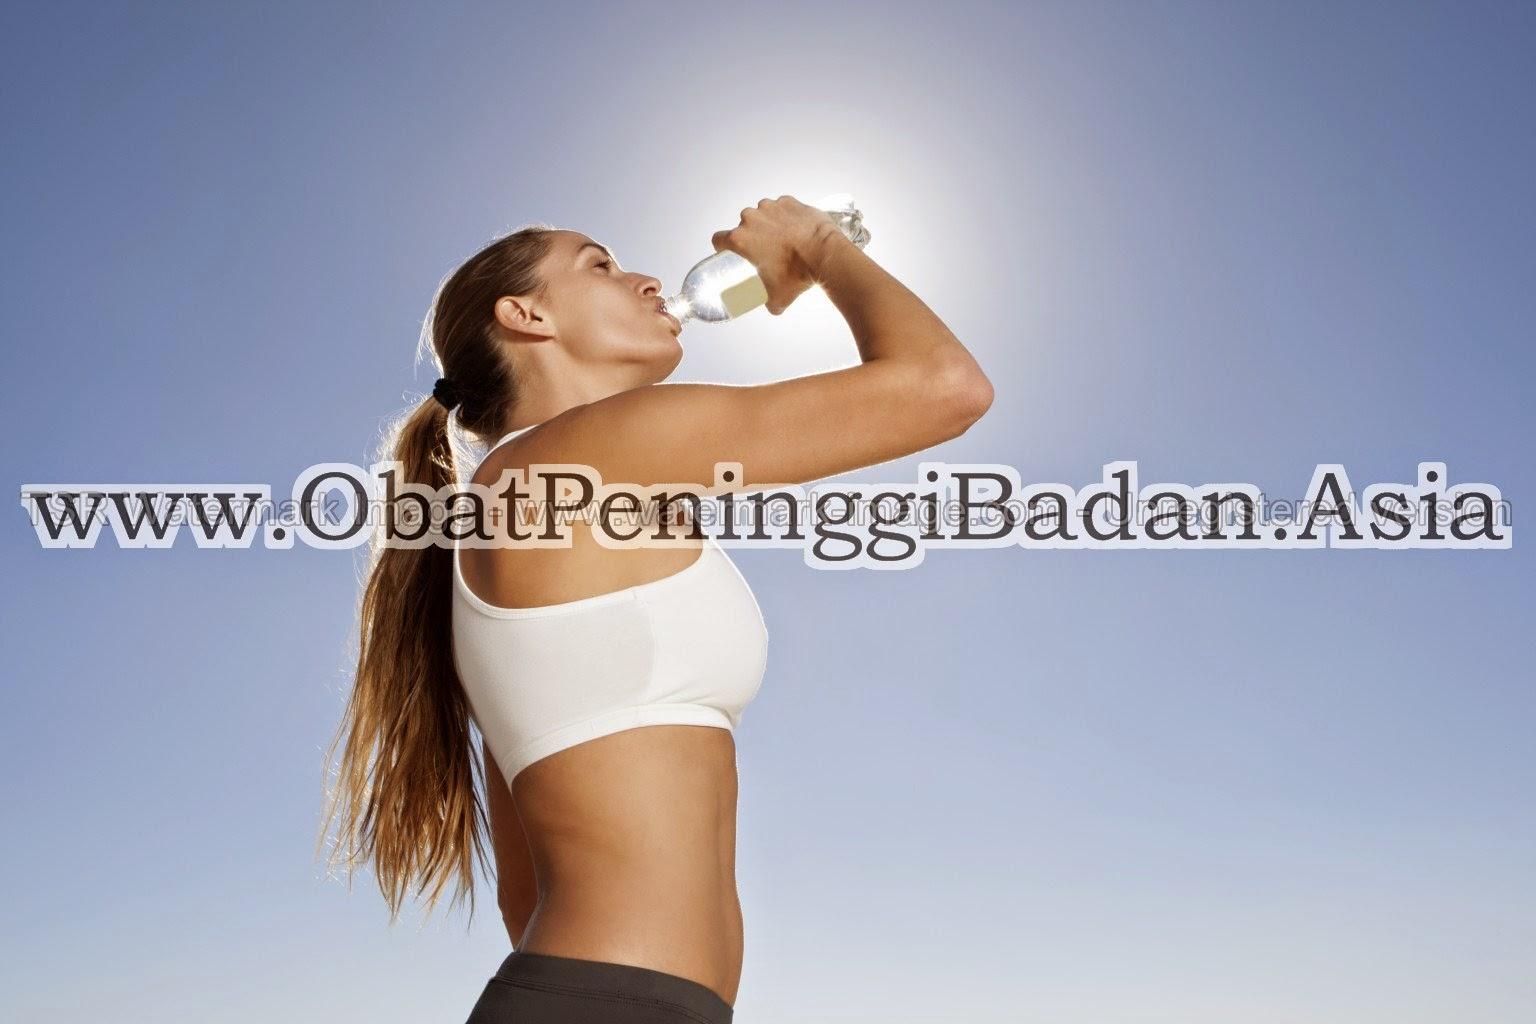 Air Putih Untuk Menambah Tinggi Badan Obat Peninggi Badan Tiens Tambah Tinggi Cepat Alami Tanpa Efek Samping Kalsium NHCP Zinc Teh Spirulina Glucosamine Herbal Syariah